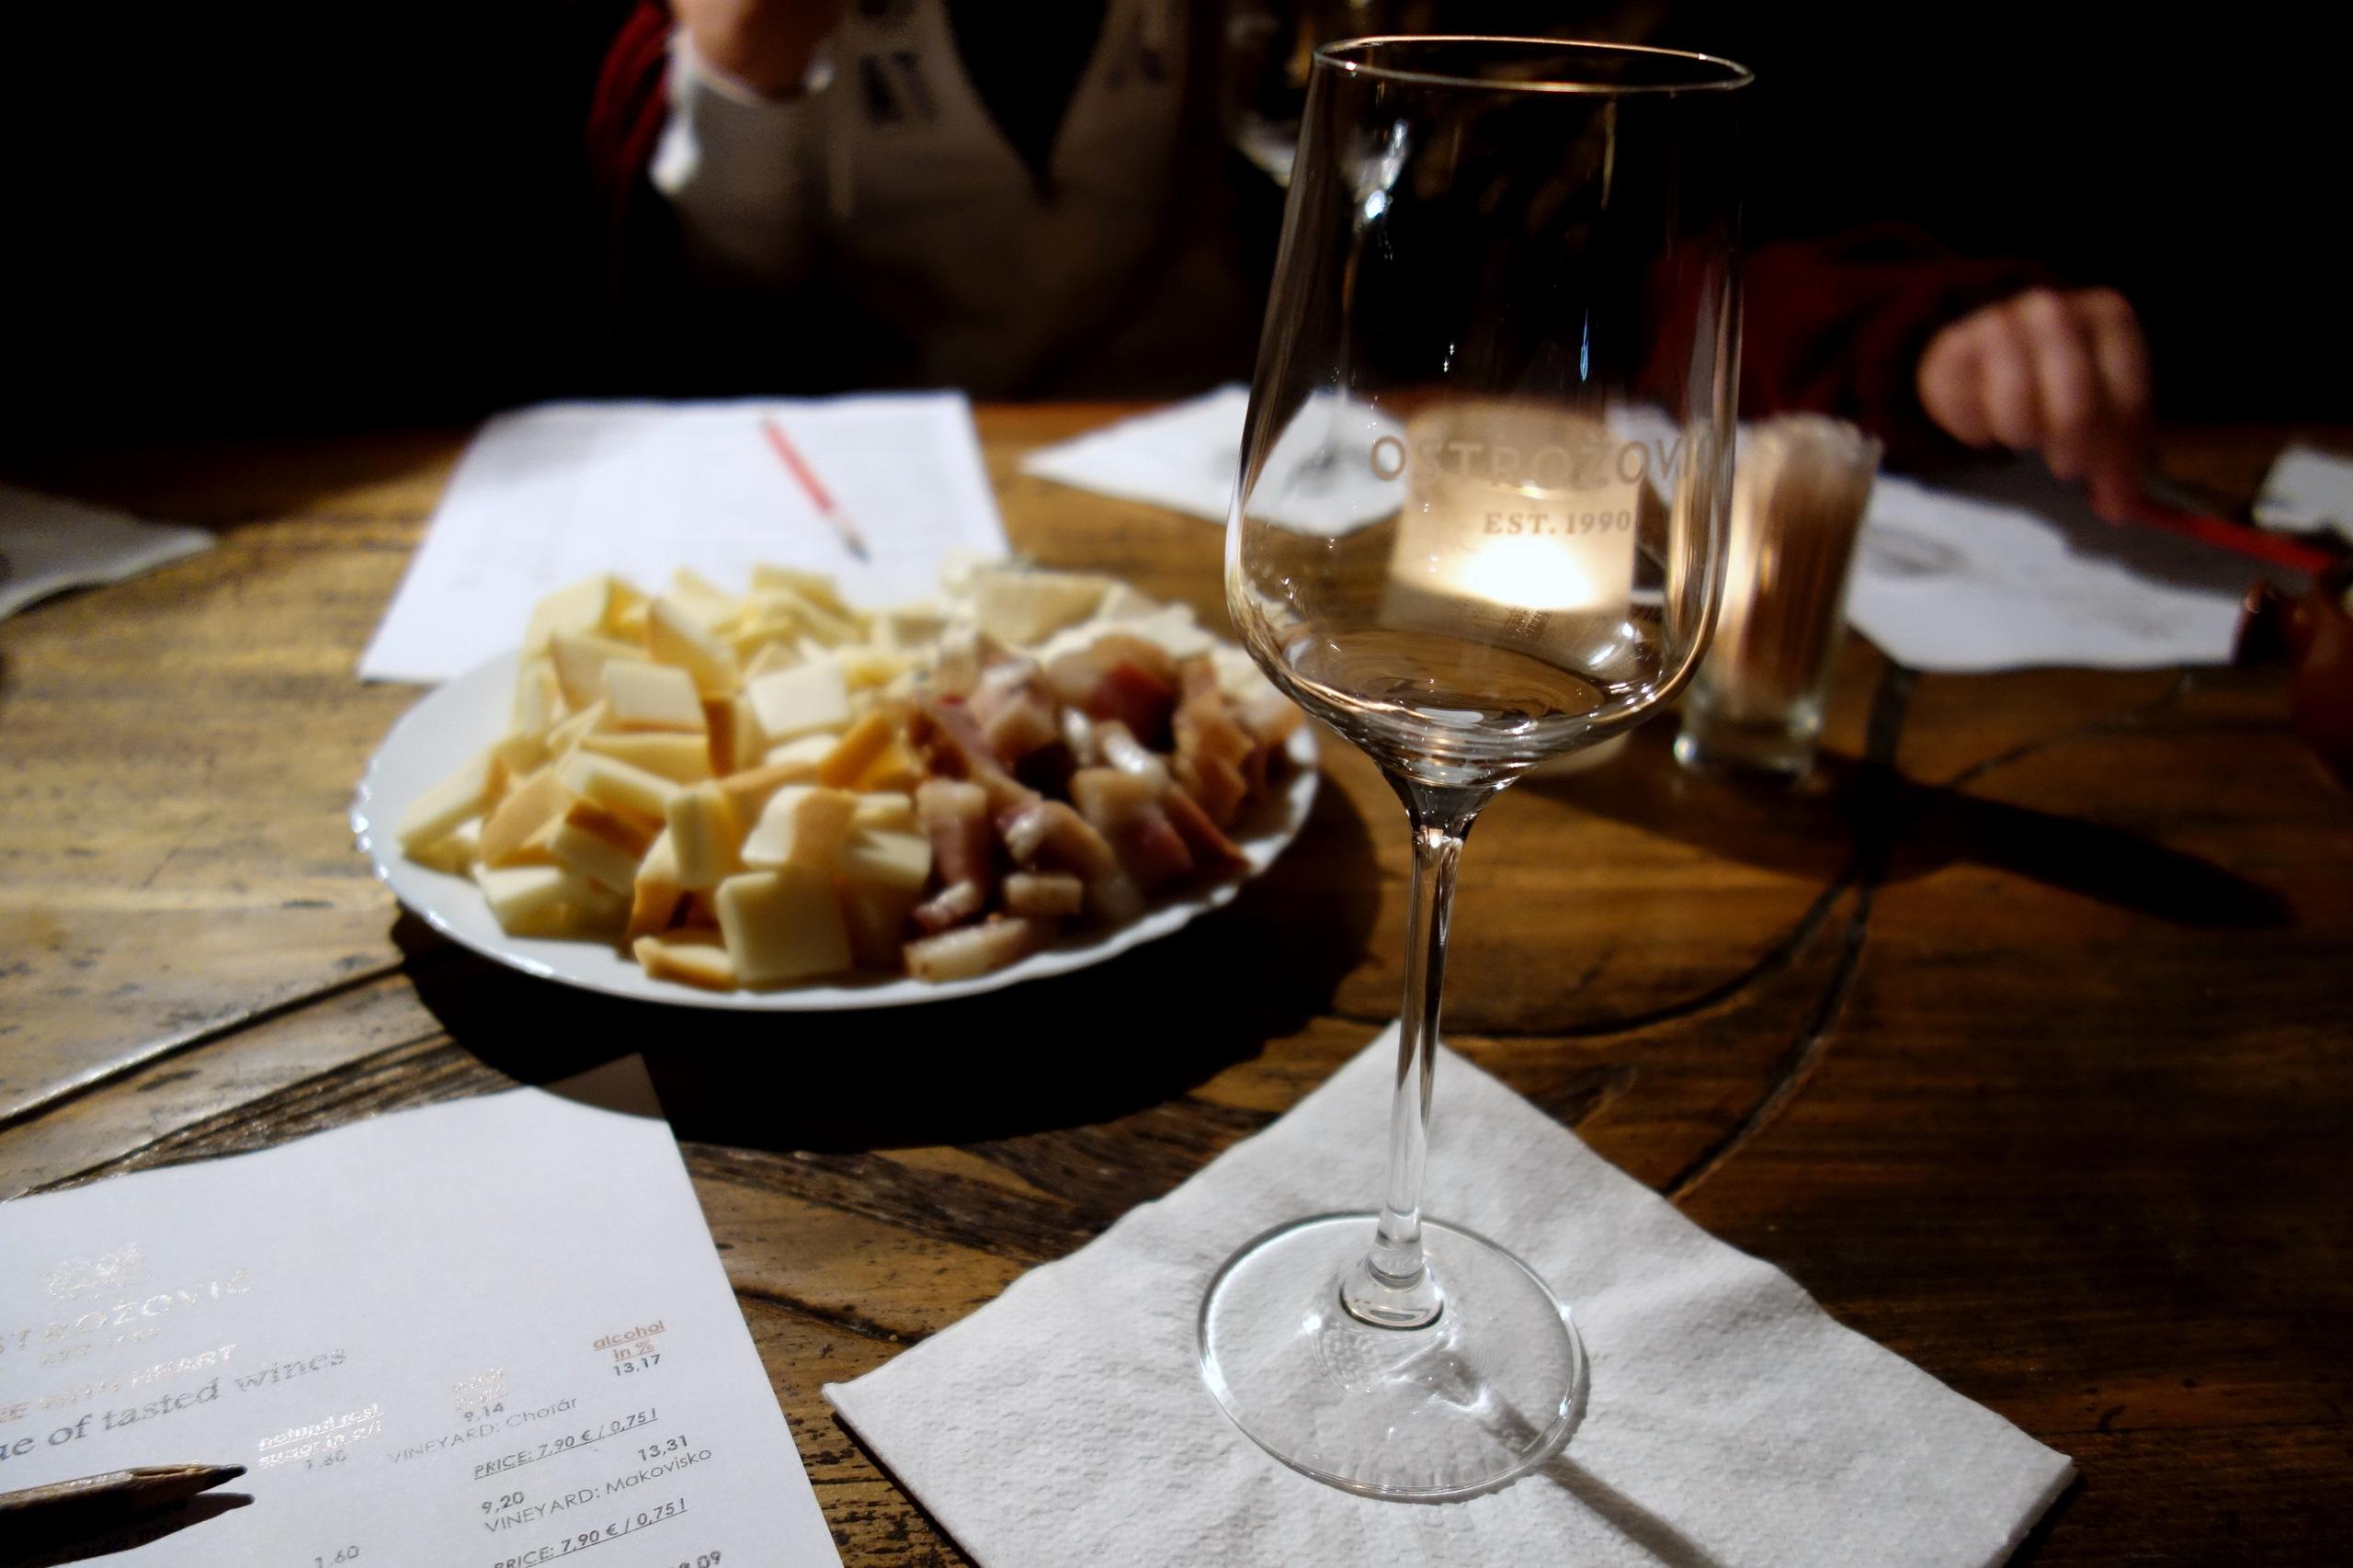 Słowacki tokaj - degustacja wina w J & J Ostrožovič